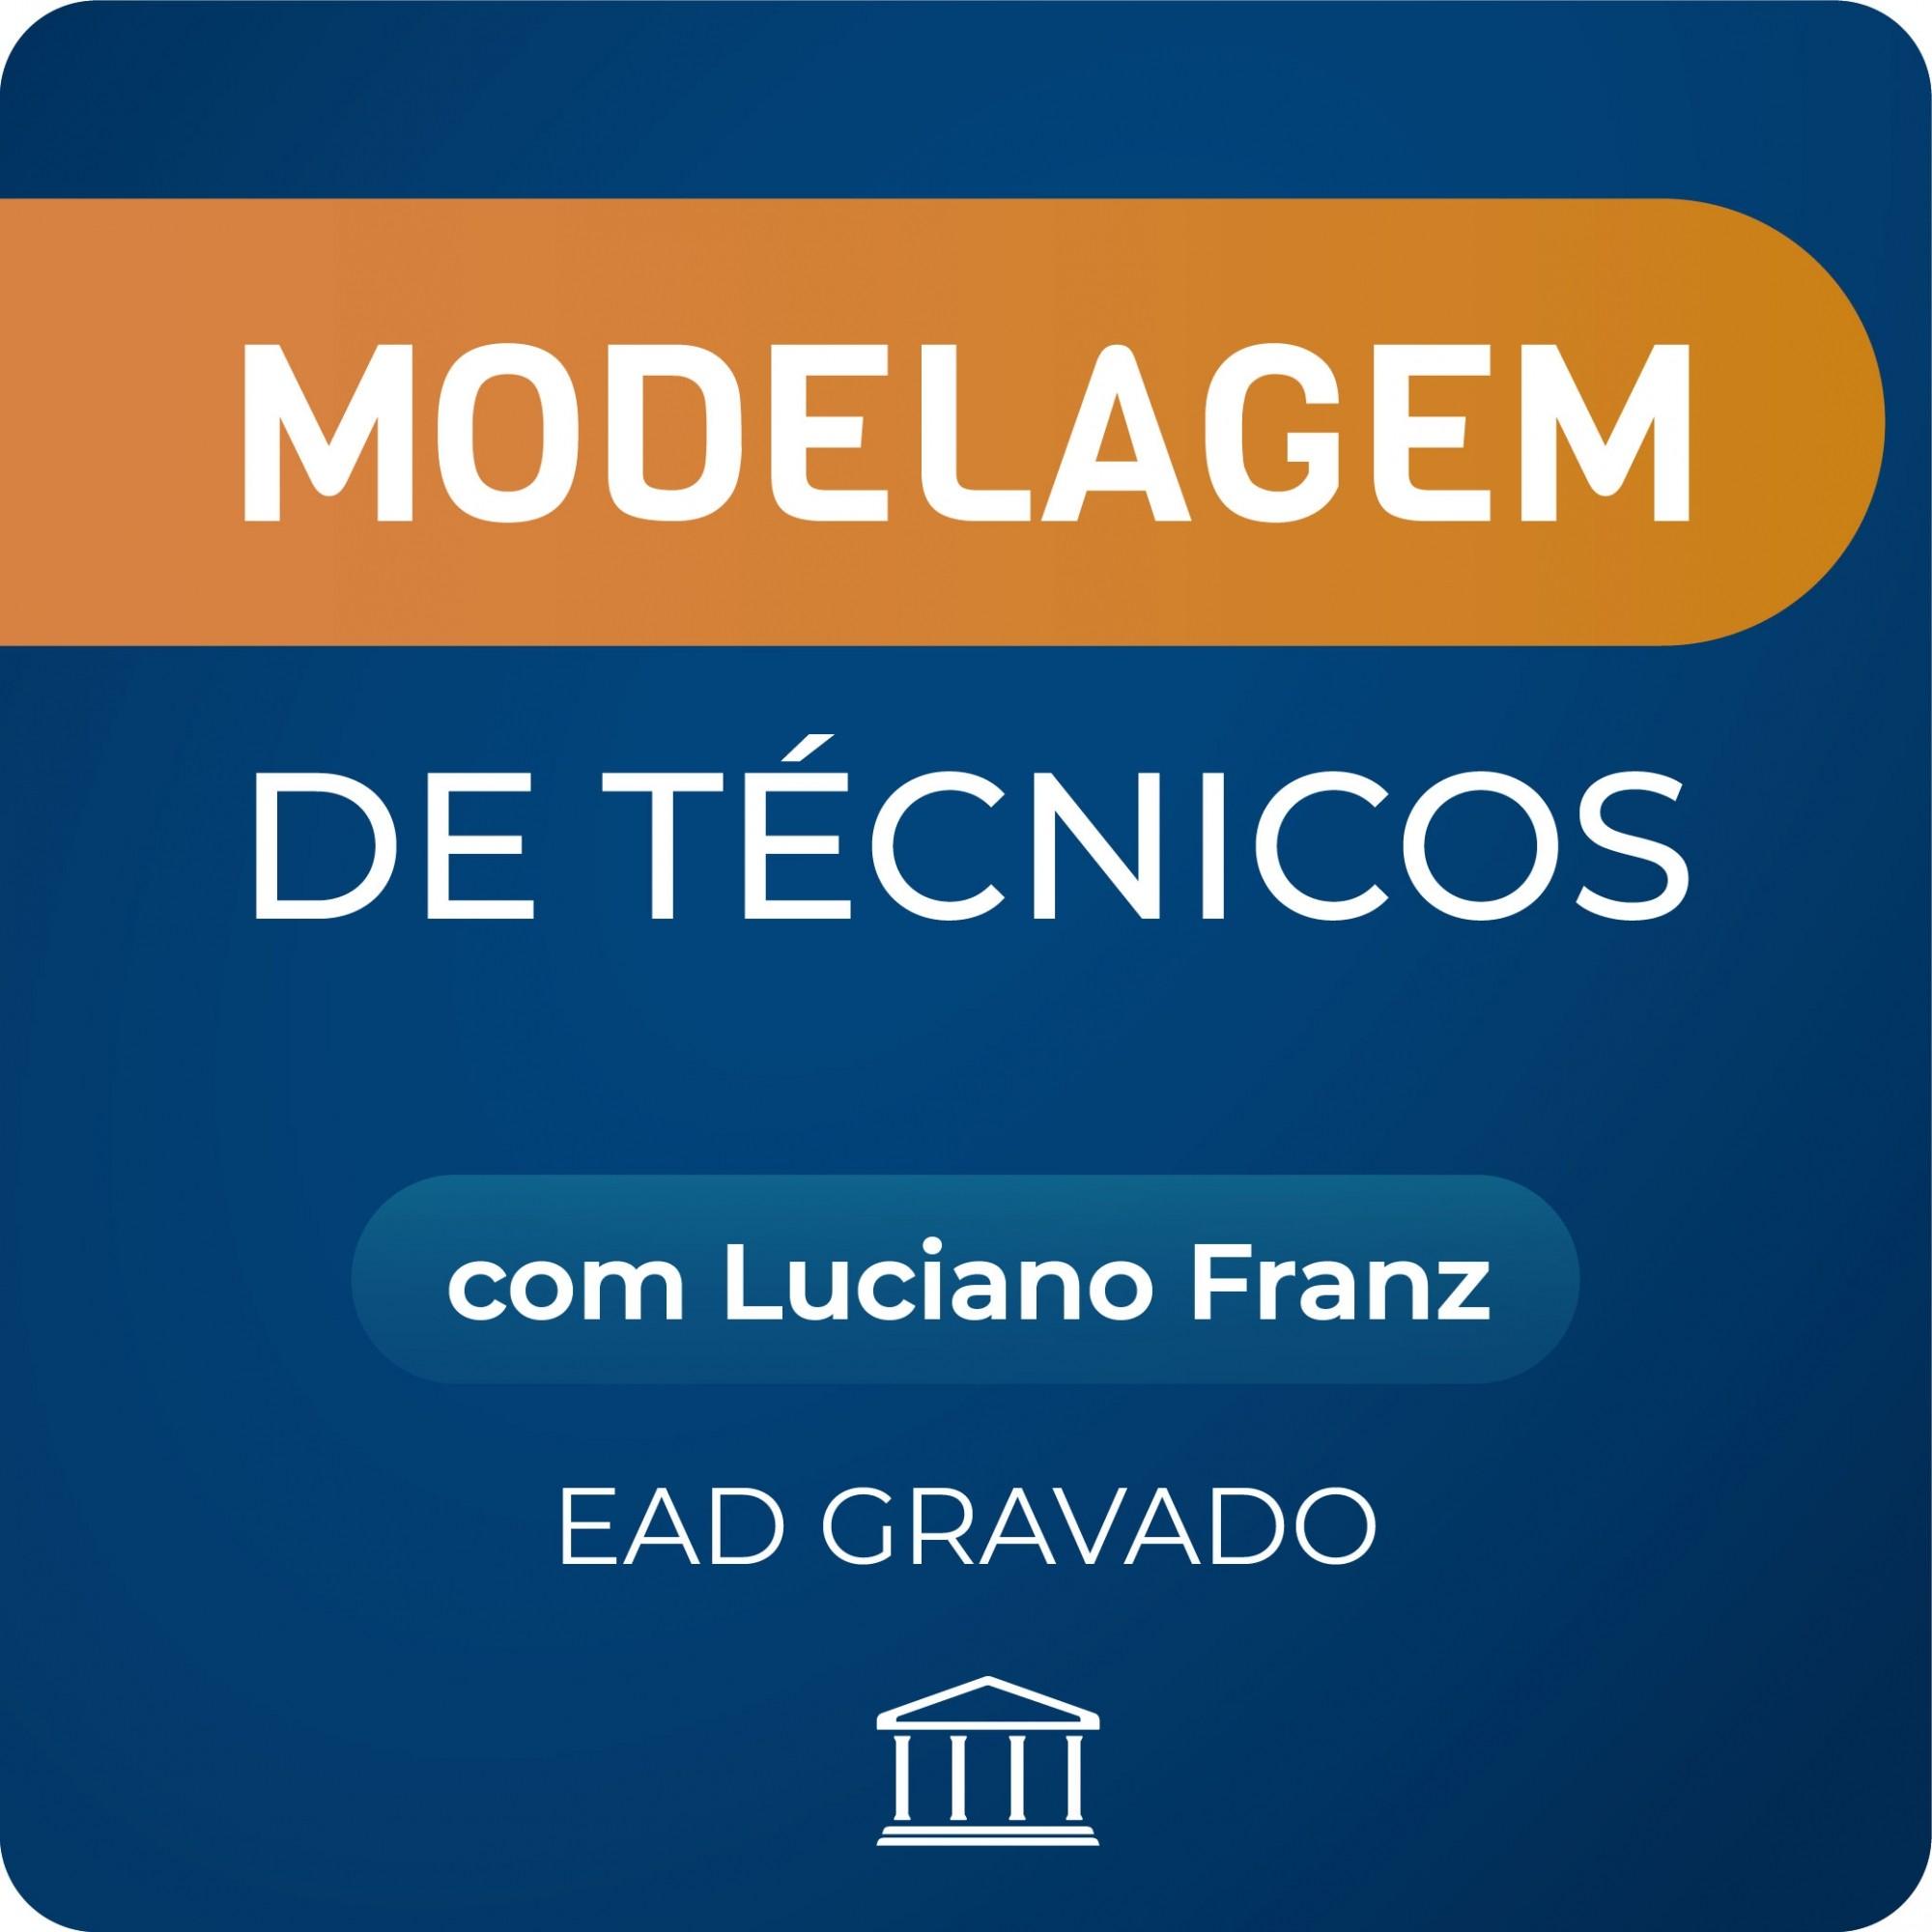 Modelagem de Técnicos com Luciano Franz - GRAVADO  - Voz e Dados